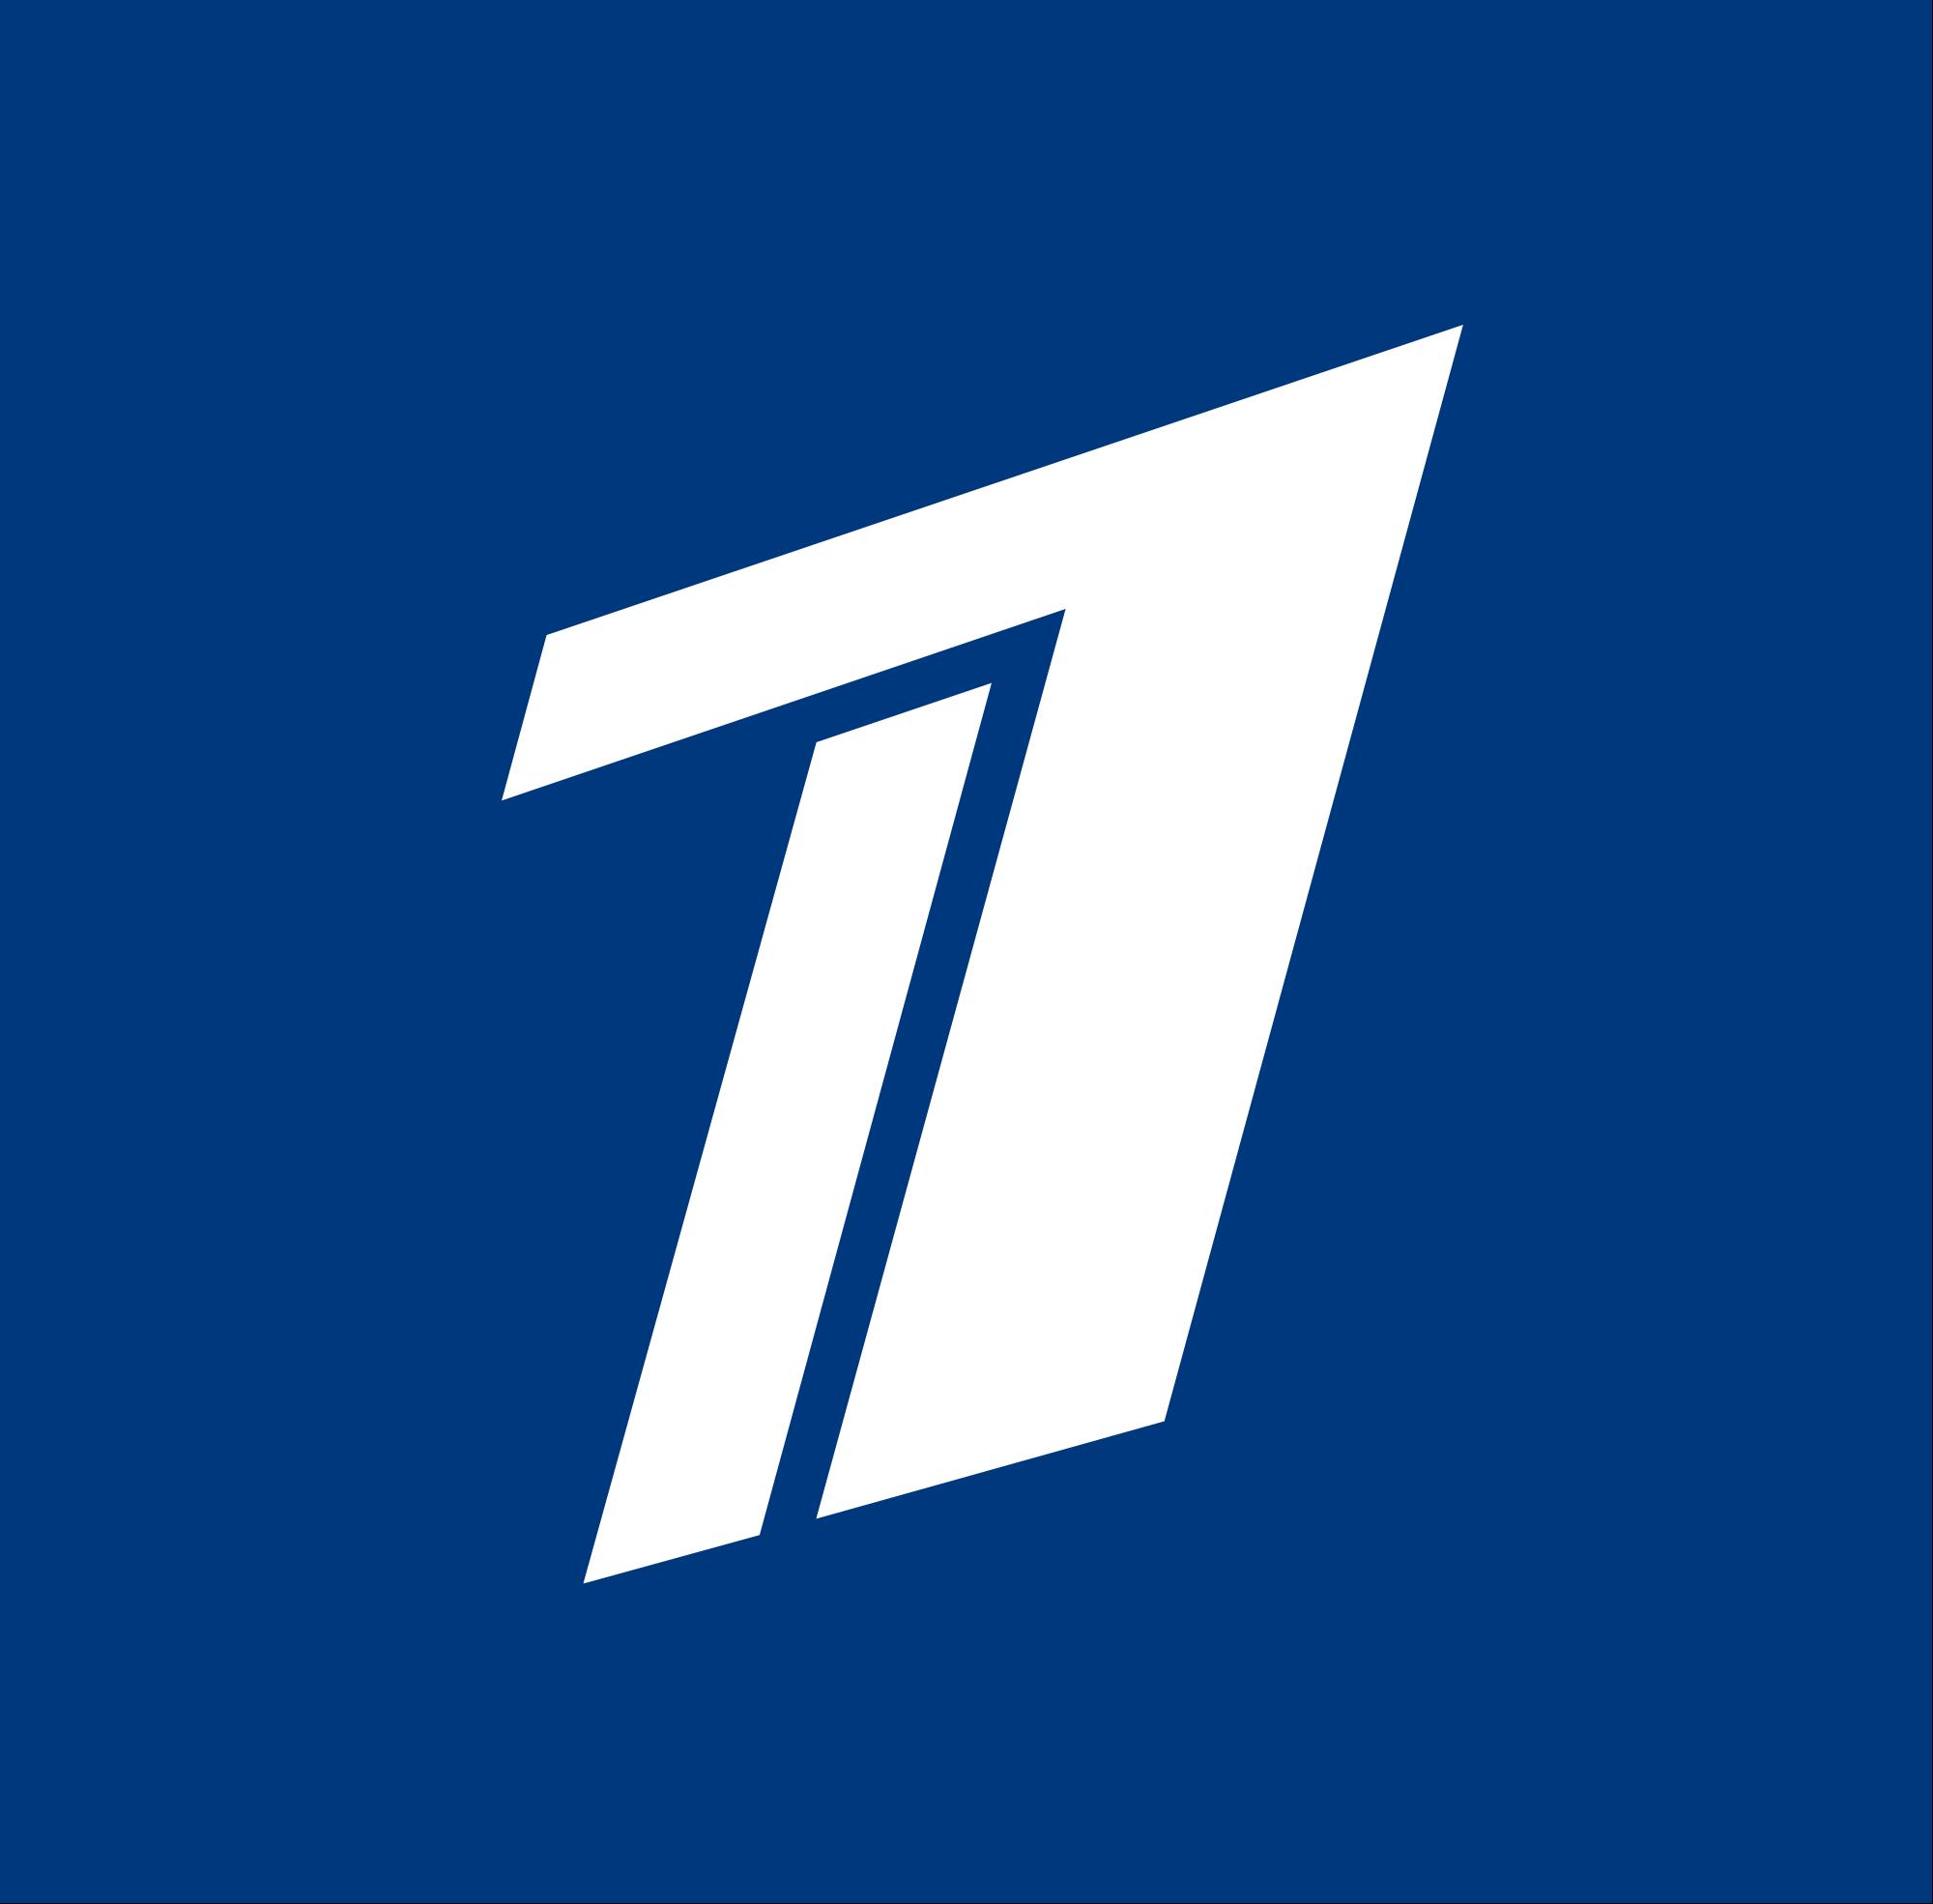 логотип первого канала